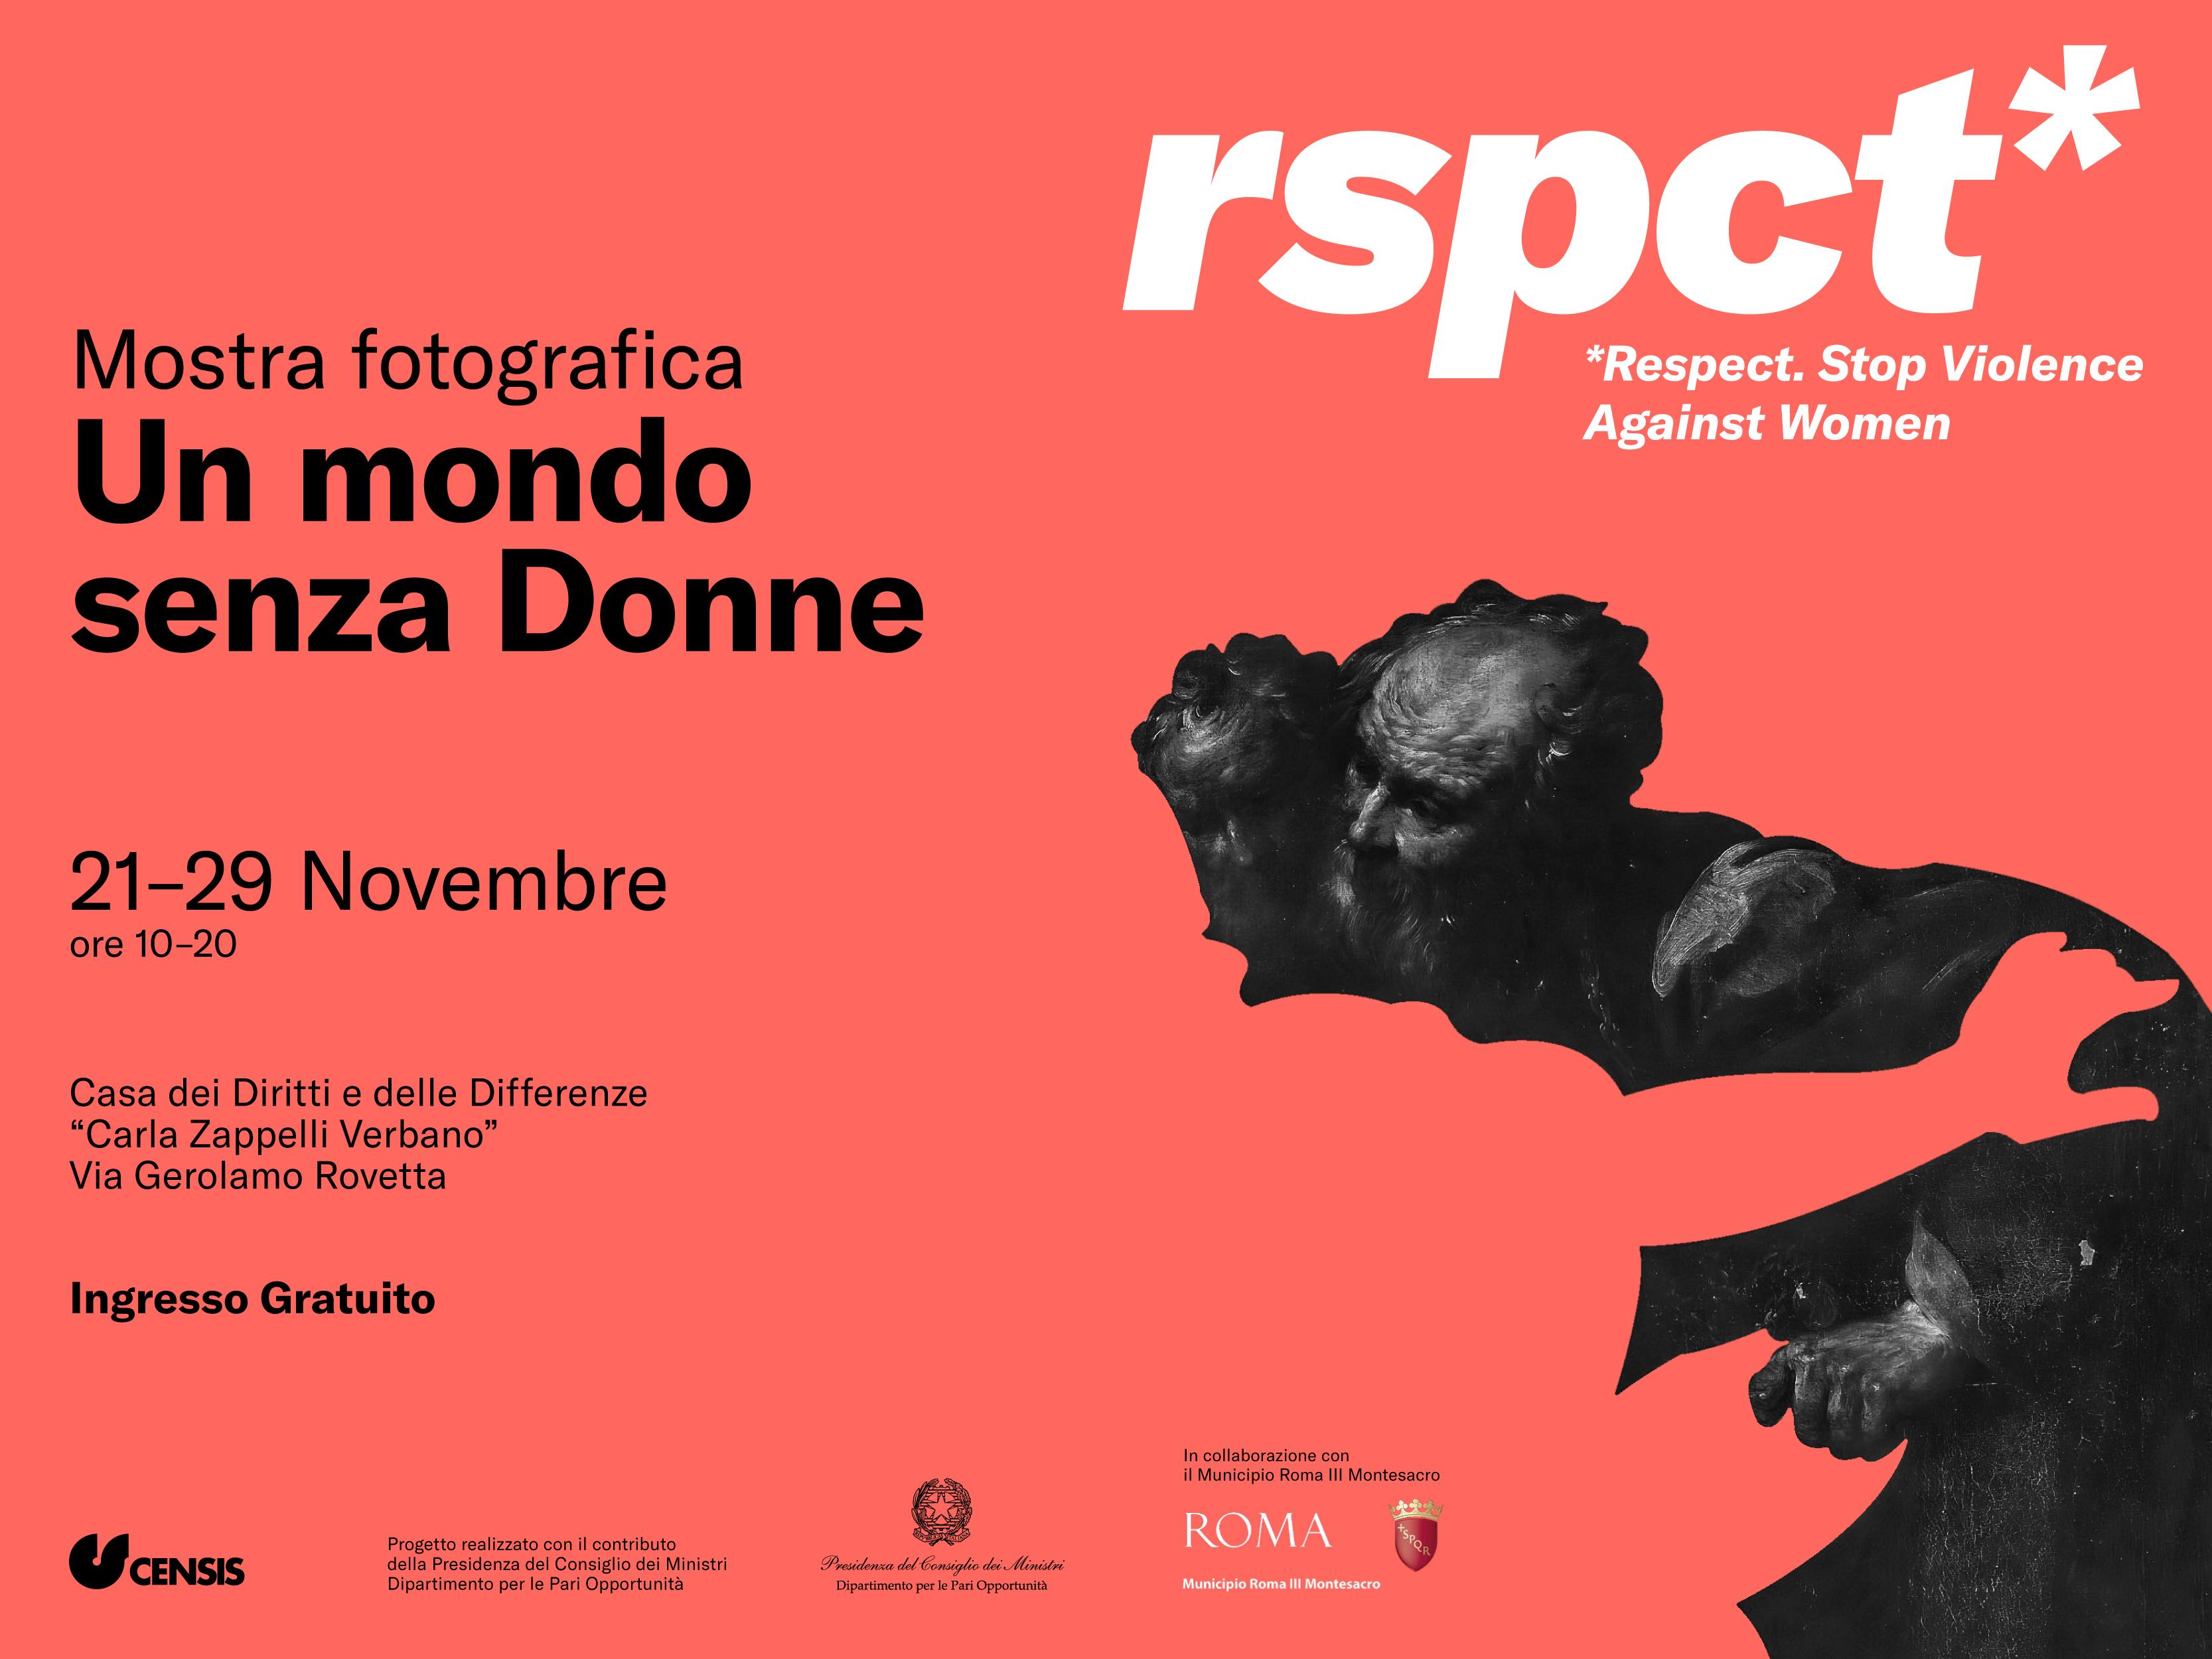 """Mostra fotografica """"Un Mondo senza Donne"""" - Dal 21 al 29 novembre 2019 - Casa dei Diritti e delle Differenze di Genere del Municipio Roma III Montesacro - Via Gerolamo Rovetta"""